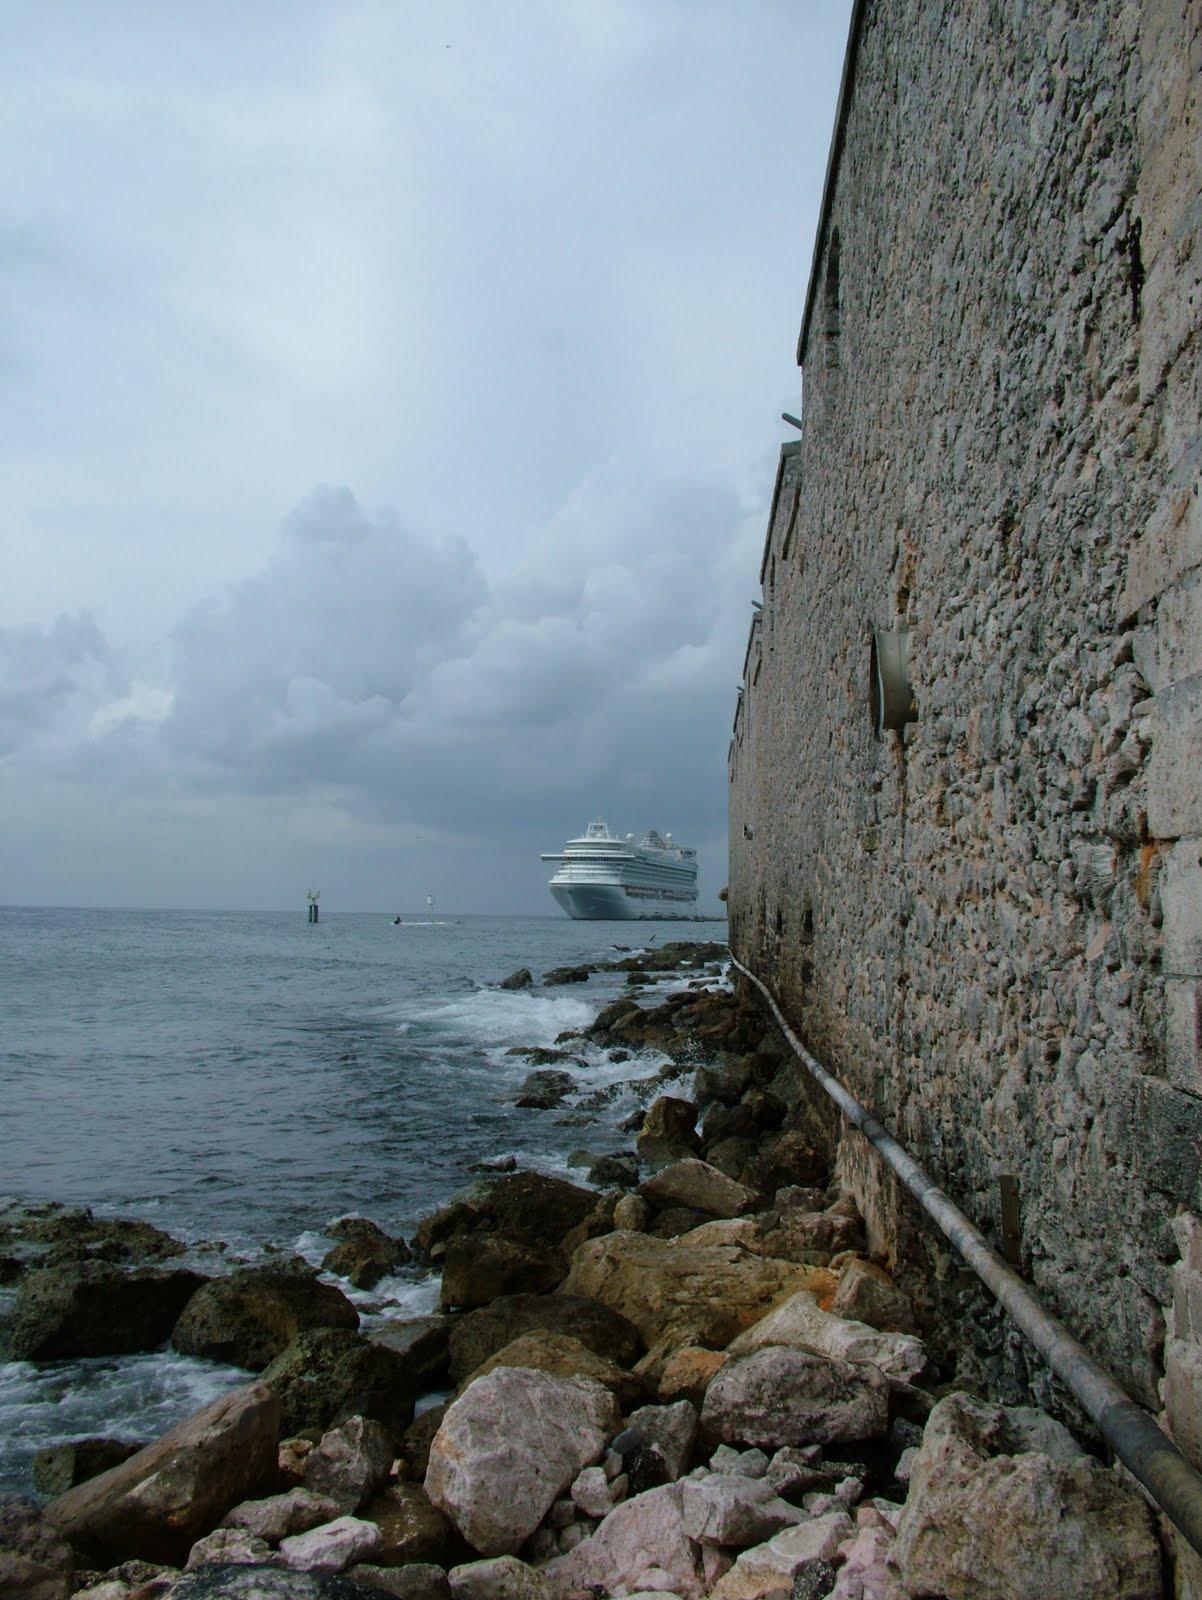 http://2.bp.blogspot.com/_5ZO_j9ozWwo/TPp820IytJI/AAAAAAAAALI/0TFXqsxDxJU/s1600/Curacao%2B03.JPG